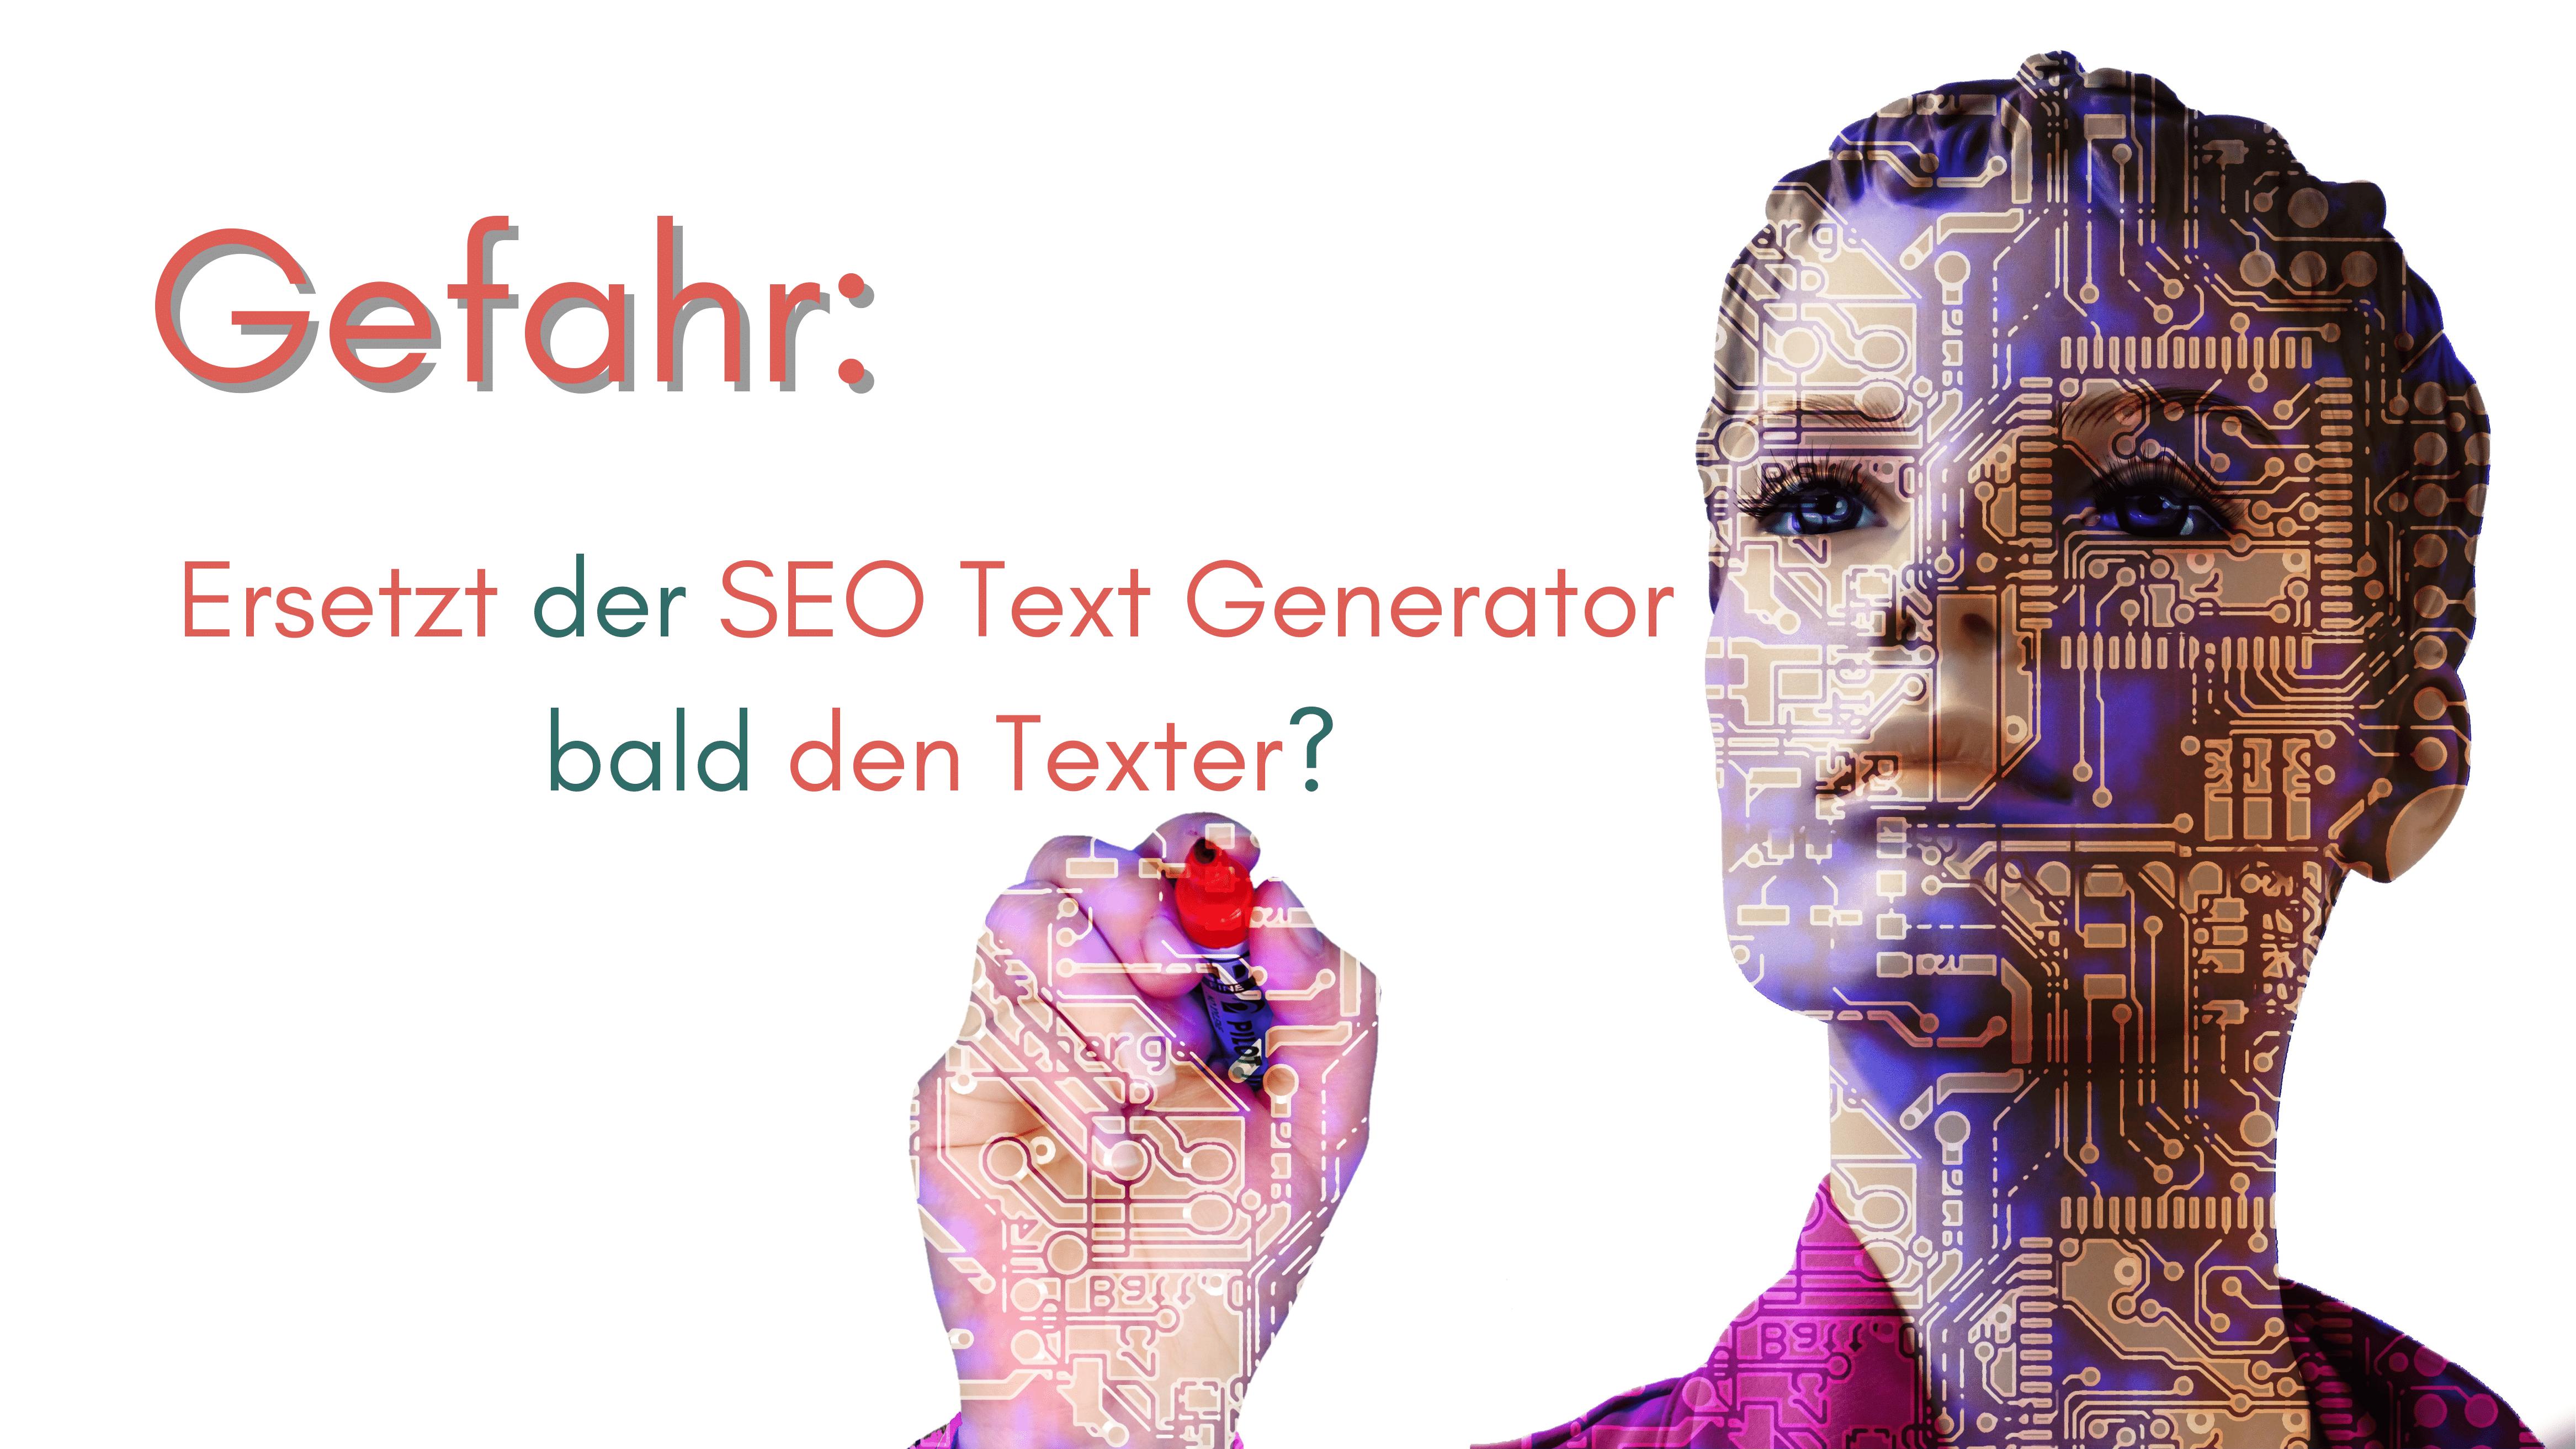 SEO Textgenerator ersetzt Texter